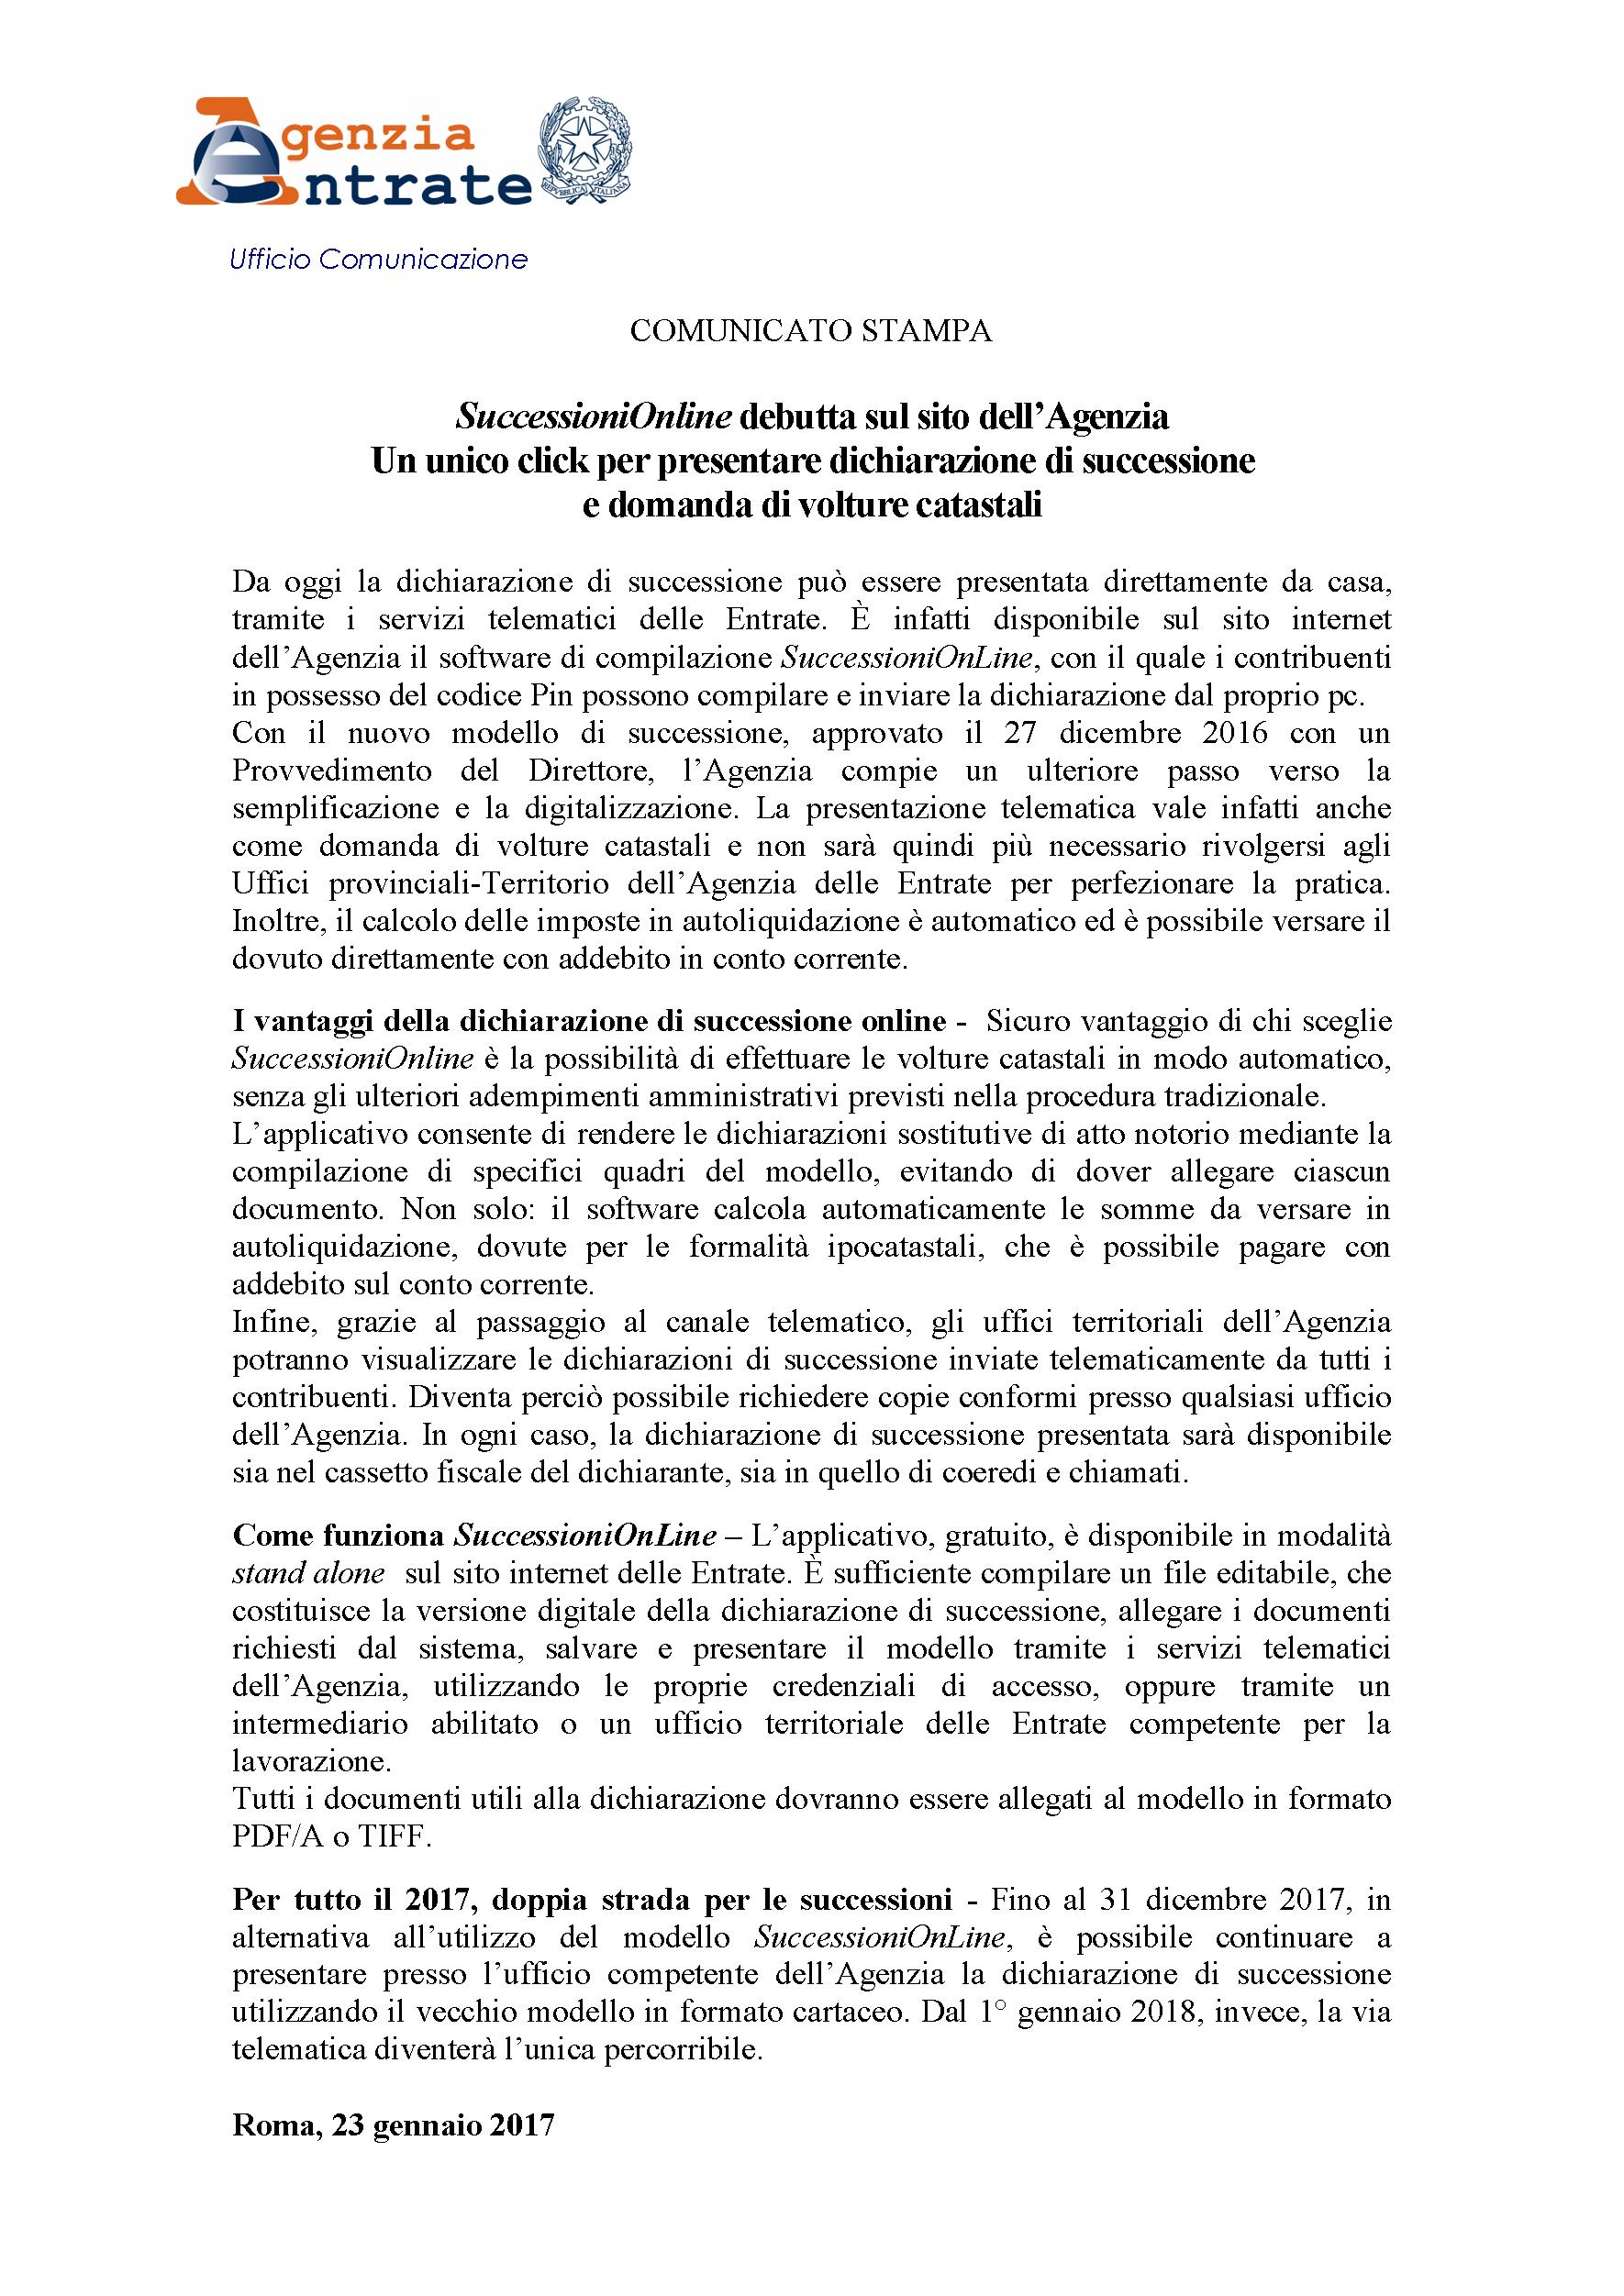 Agenzia Dellu0027Entrate: Successioni E Volture Catastali, Ora Basta Un Click |  Collegio Dei Geometri Di Agrigento